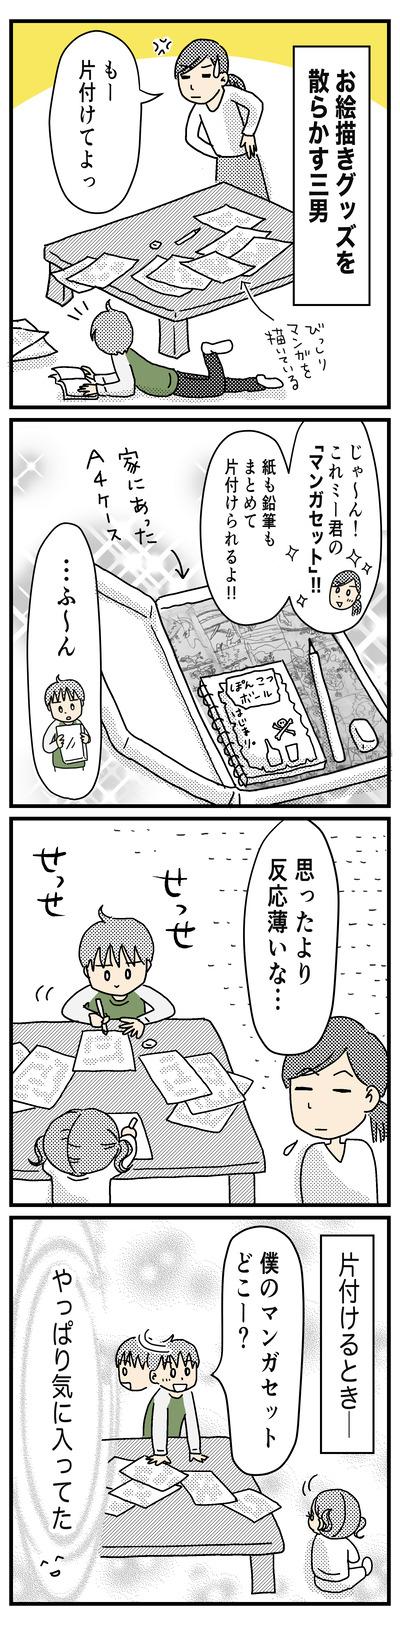 186 みーくんの漫画セット(1才半〜2才)